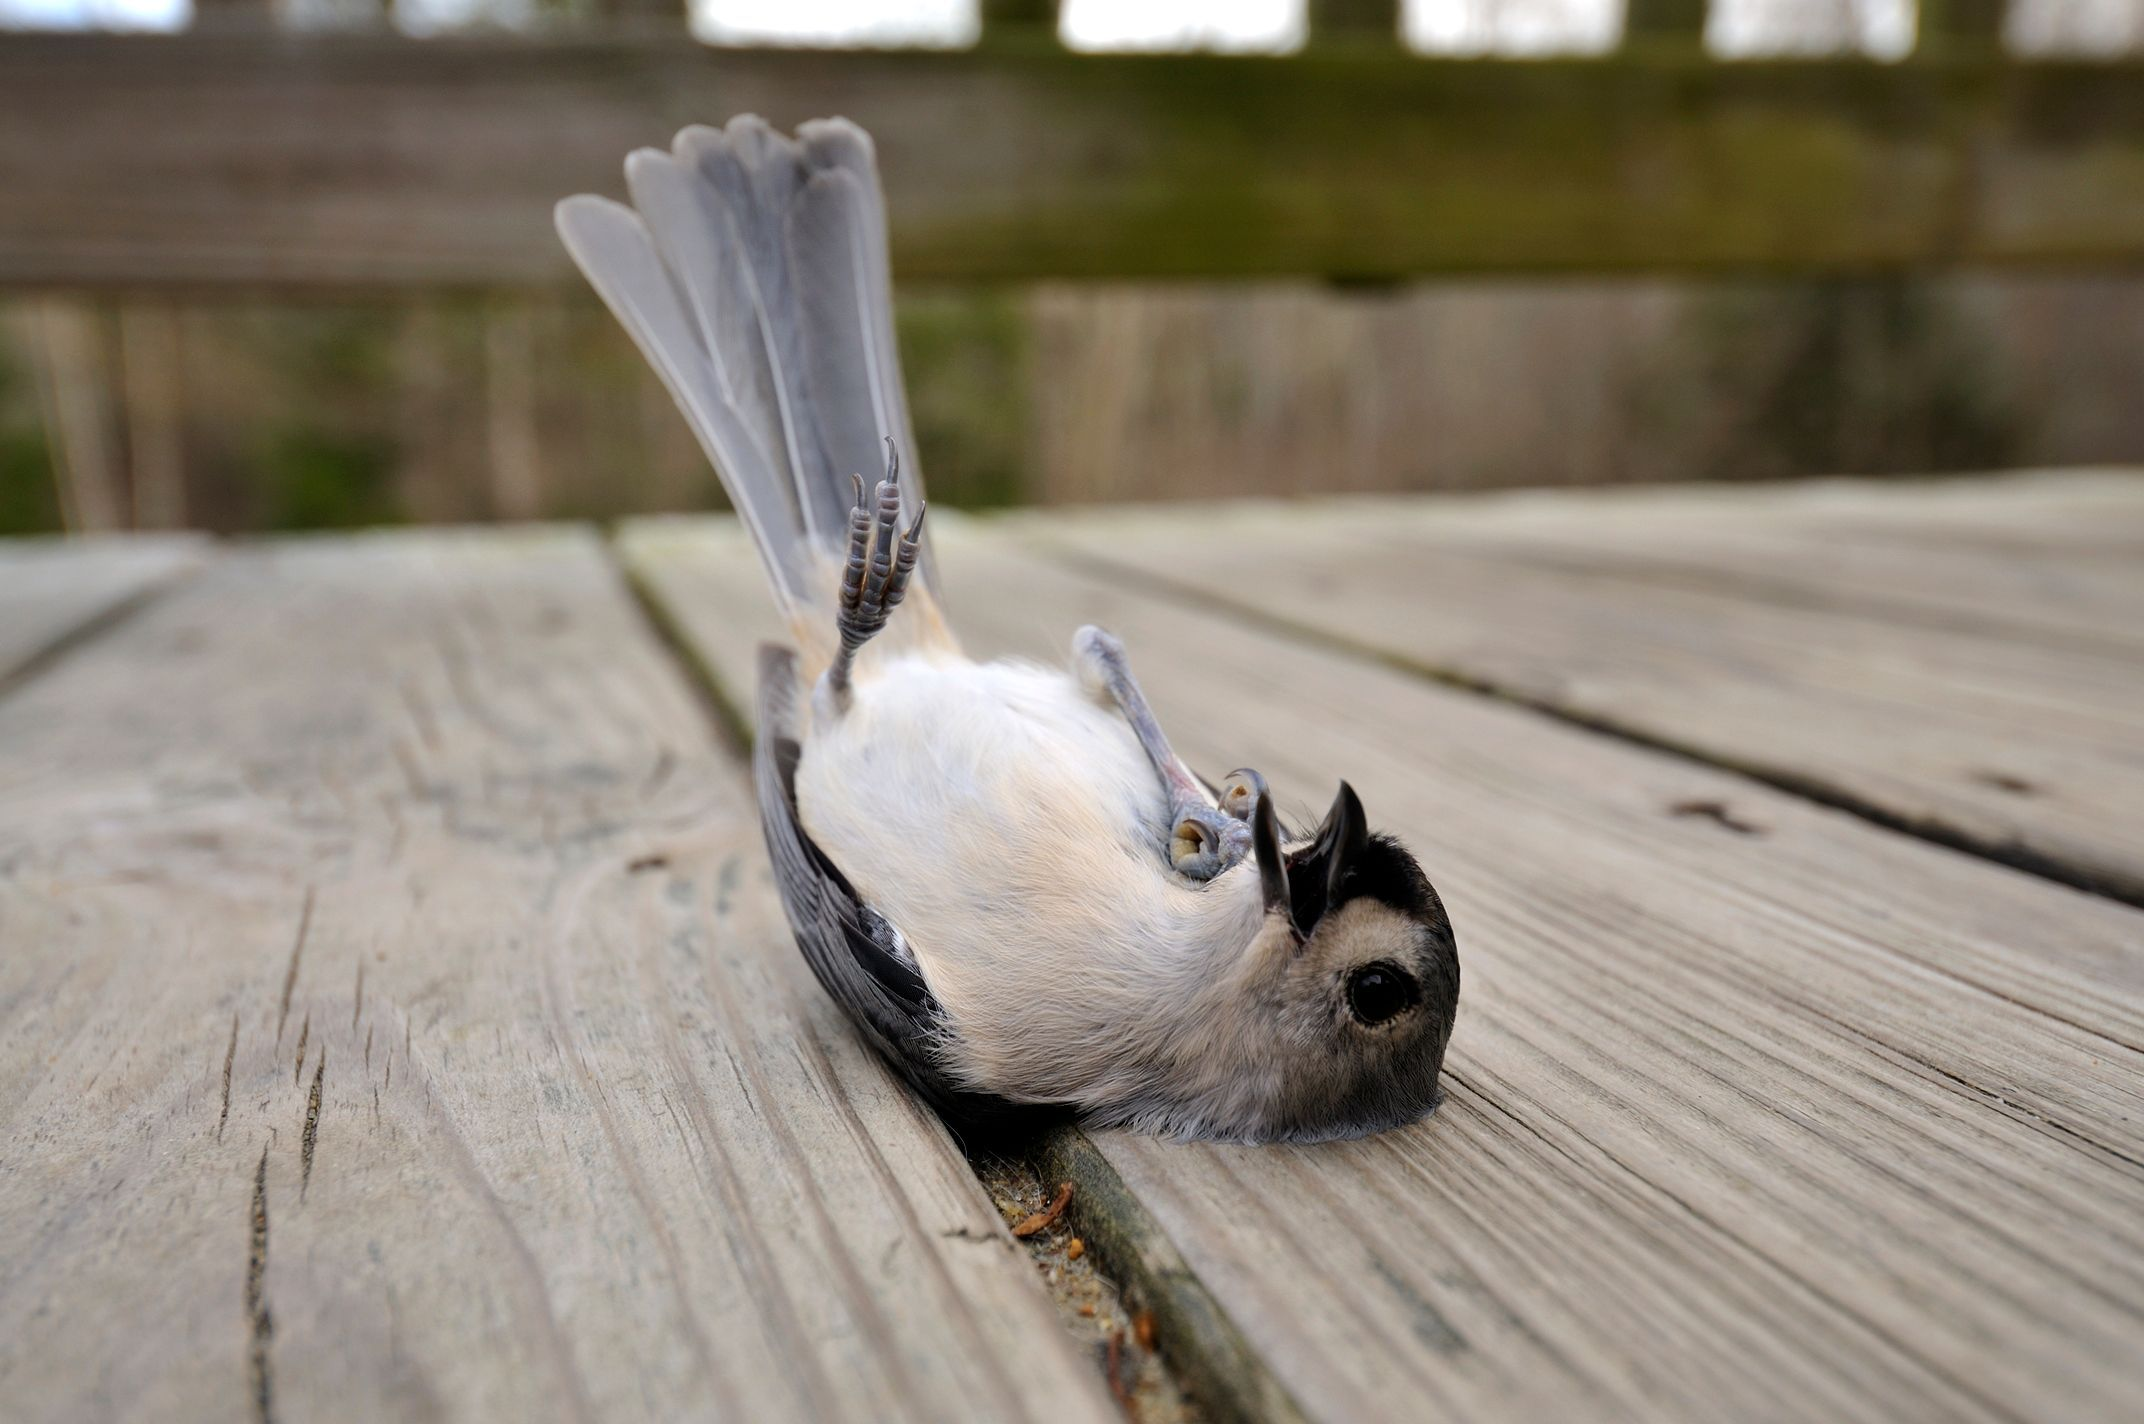 État de choc chez l'oiseau - Doctissimo